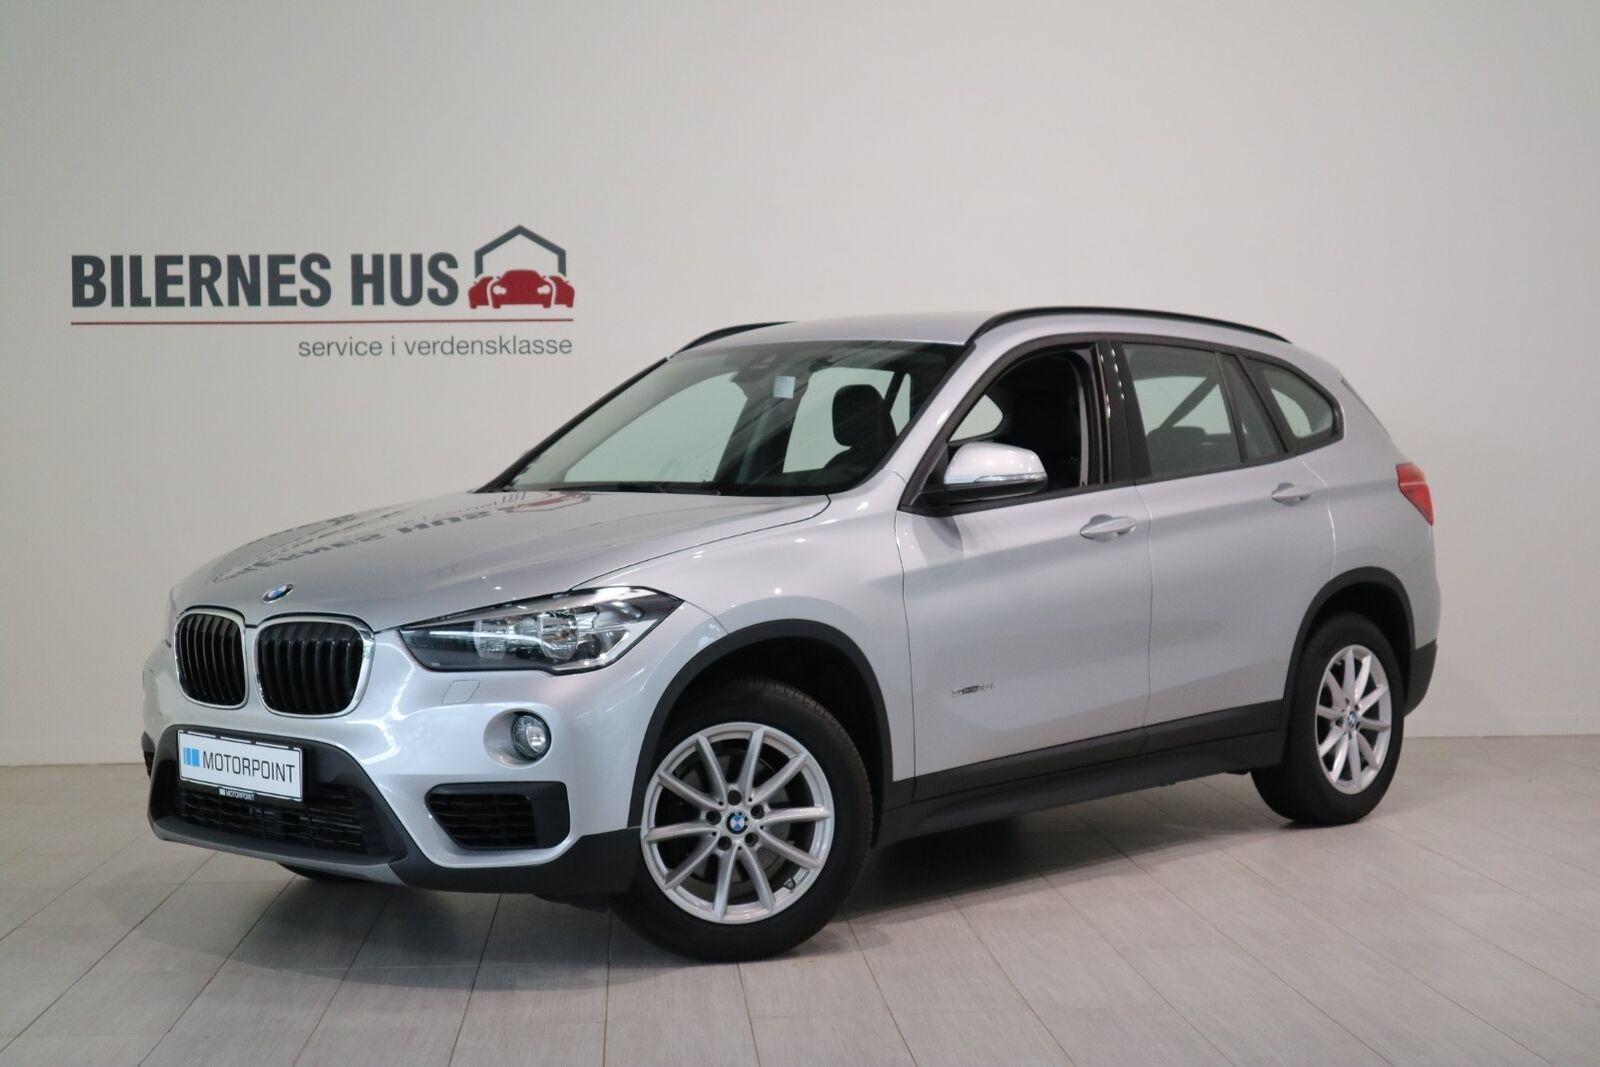 BMW X1 Billede 2